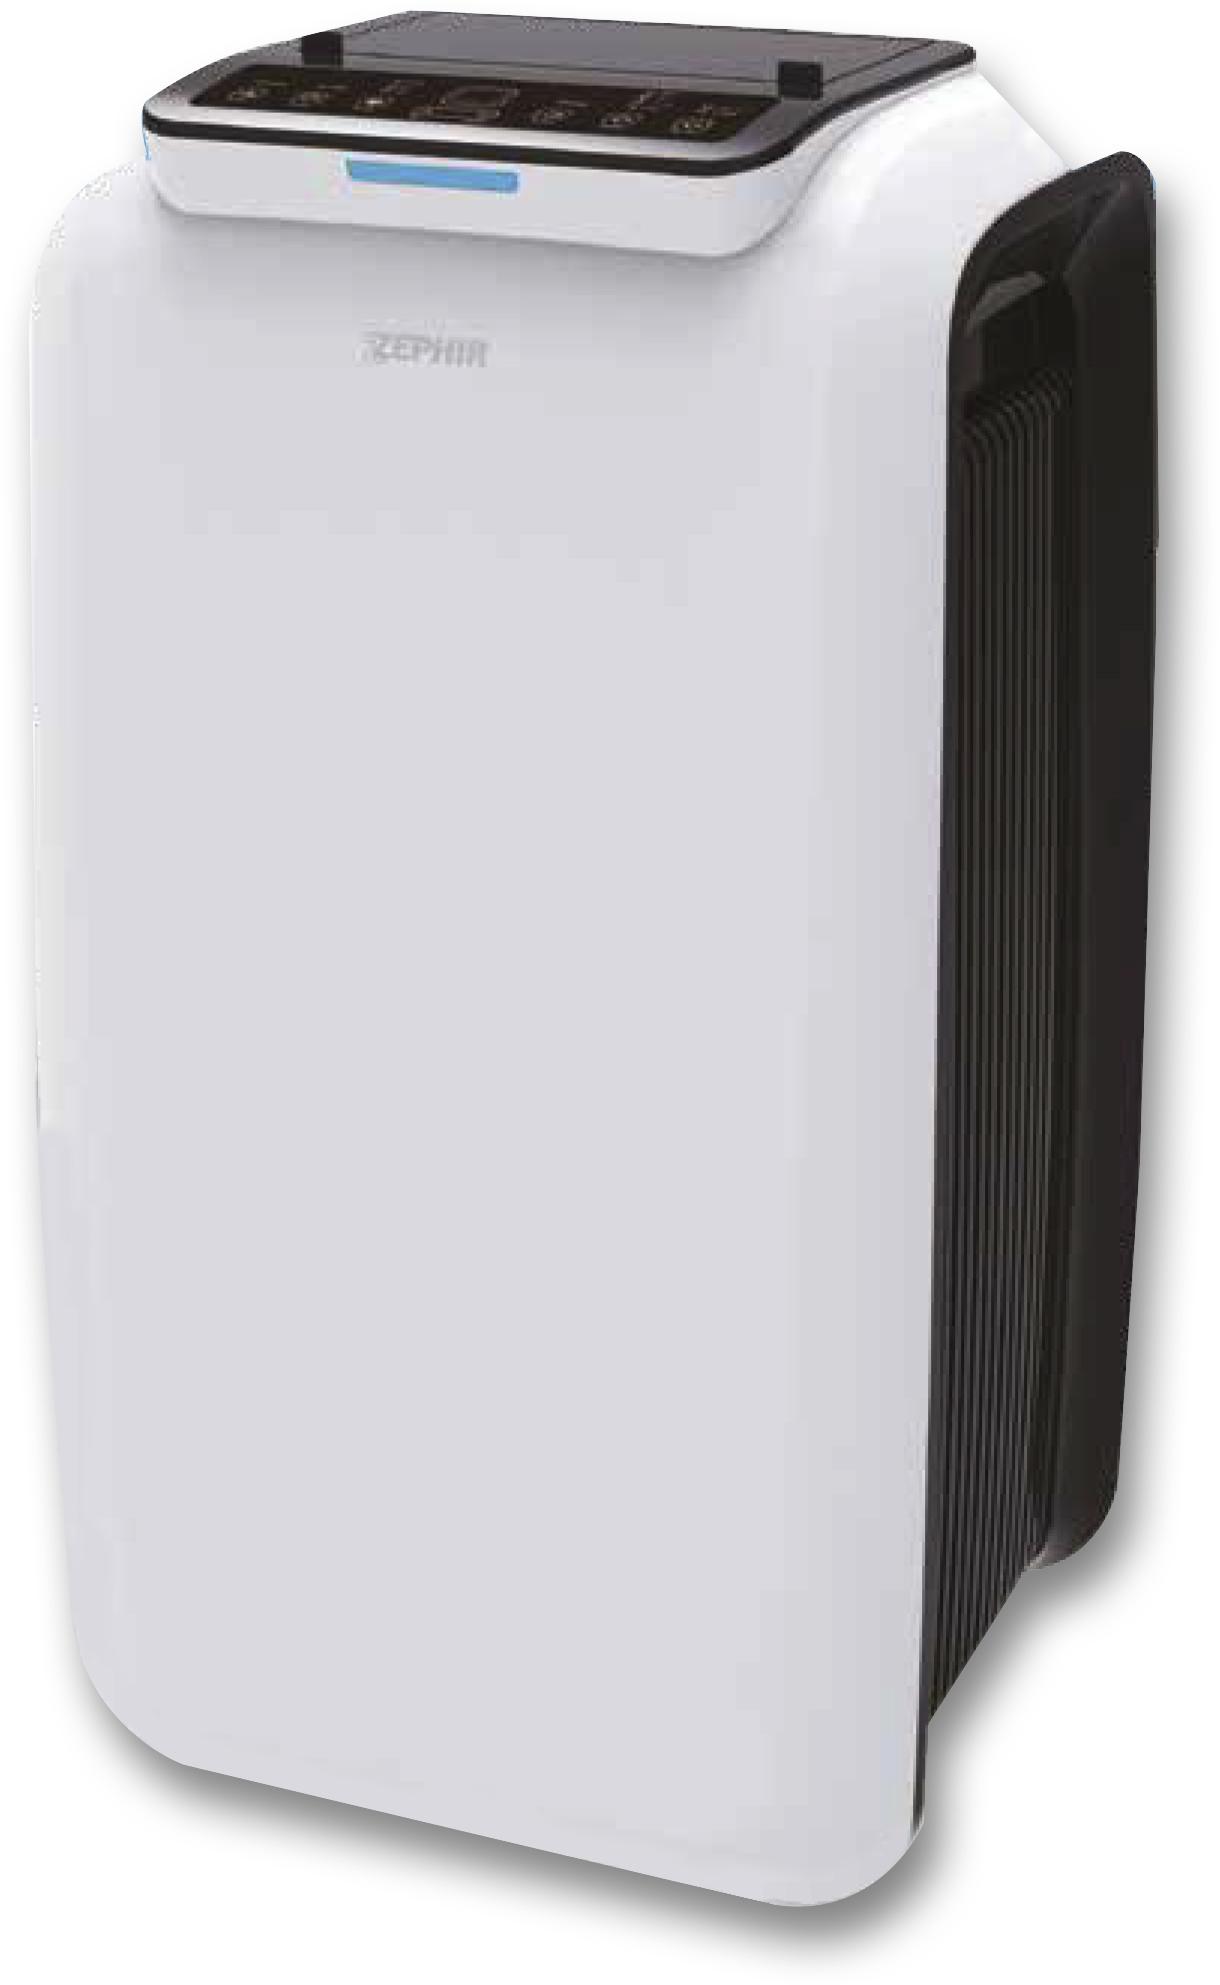 Offerte condizionatori portatili modelli e prezzi for Condizionatore portatile prezzi